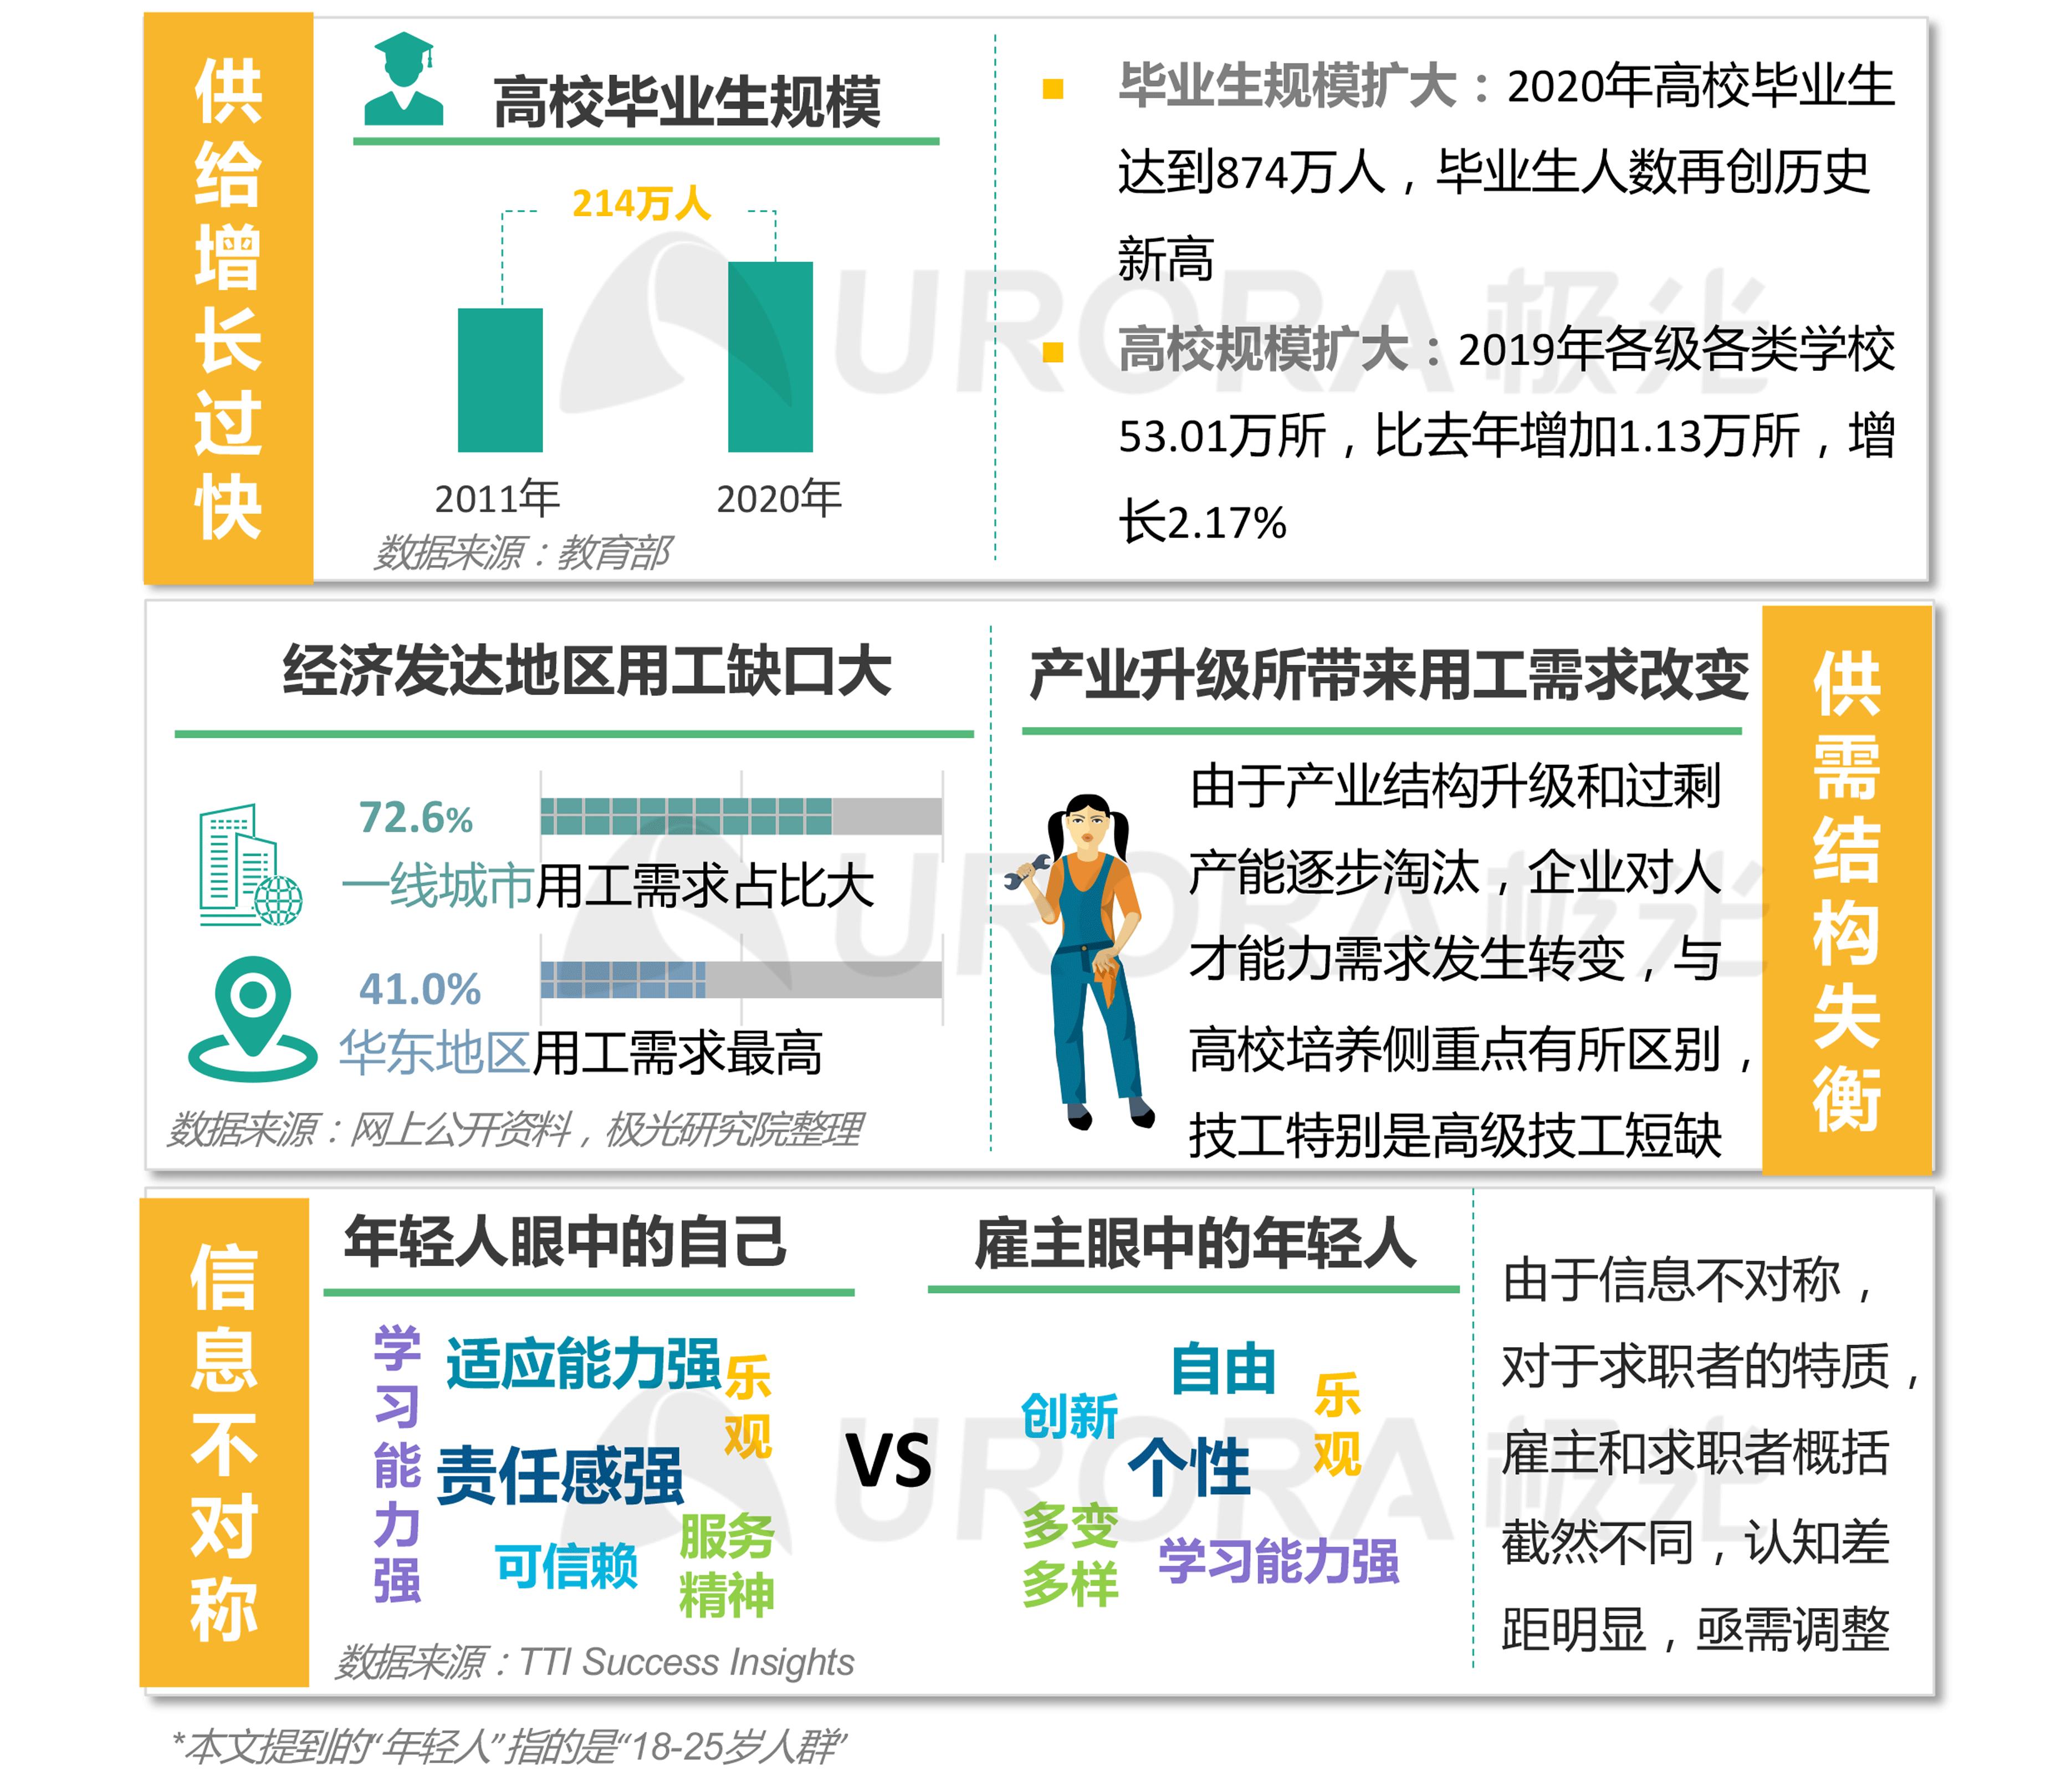 """""""超职季""""招聘行业报告-汇总版 (6).png"""